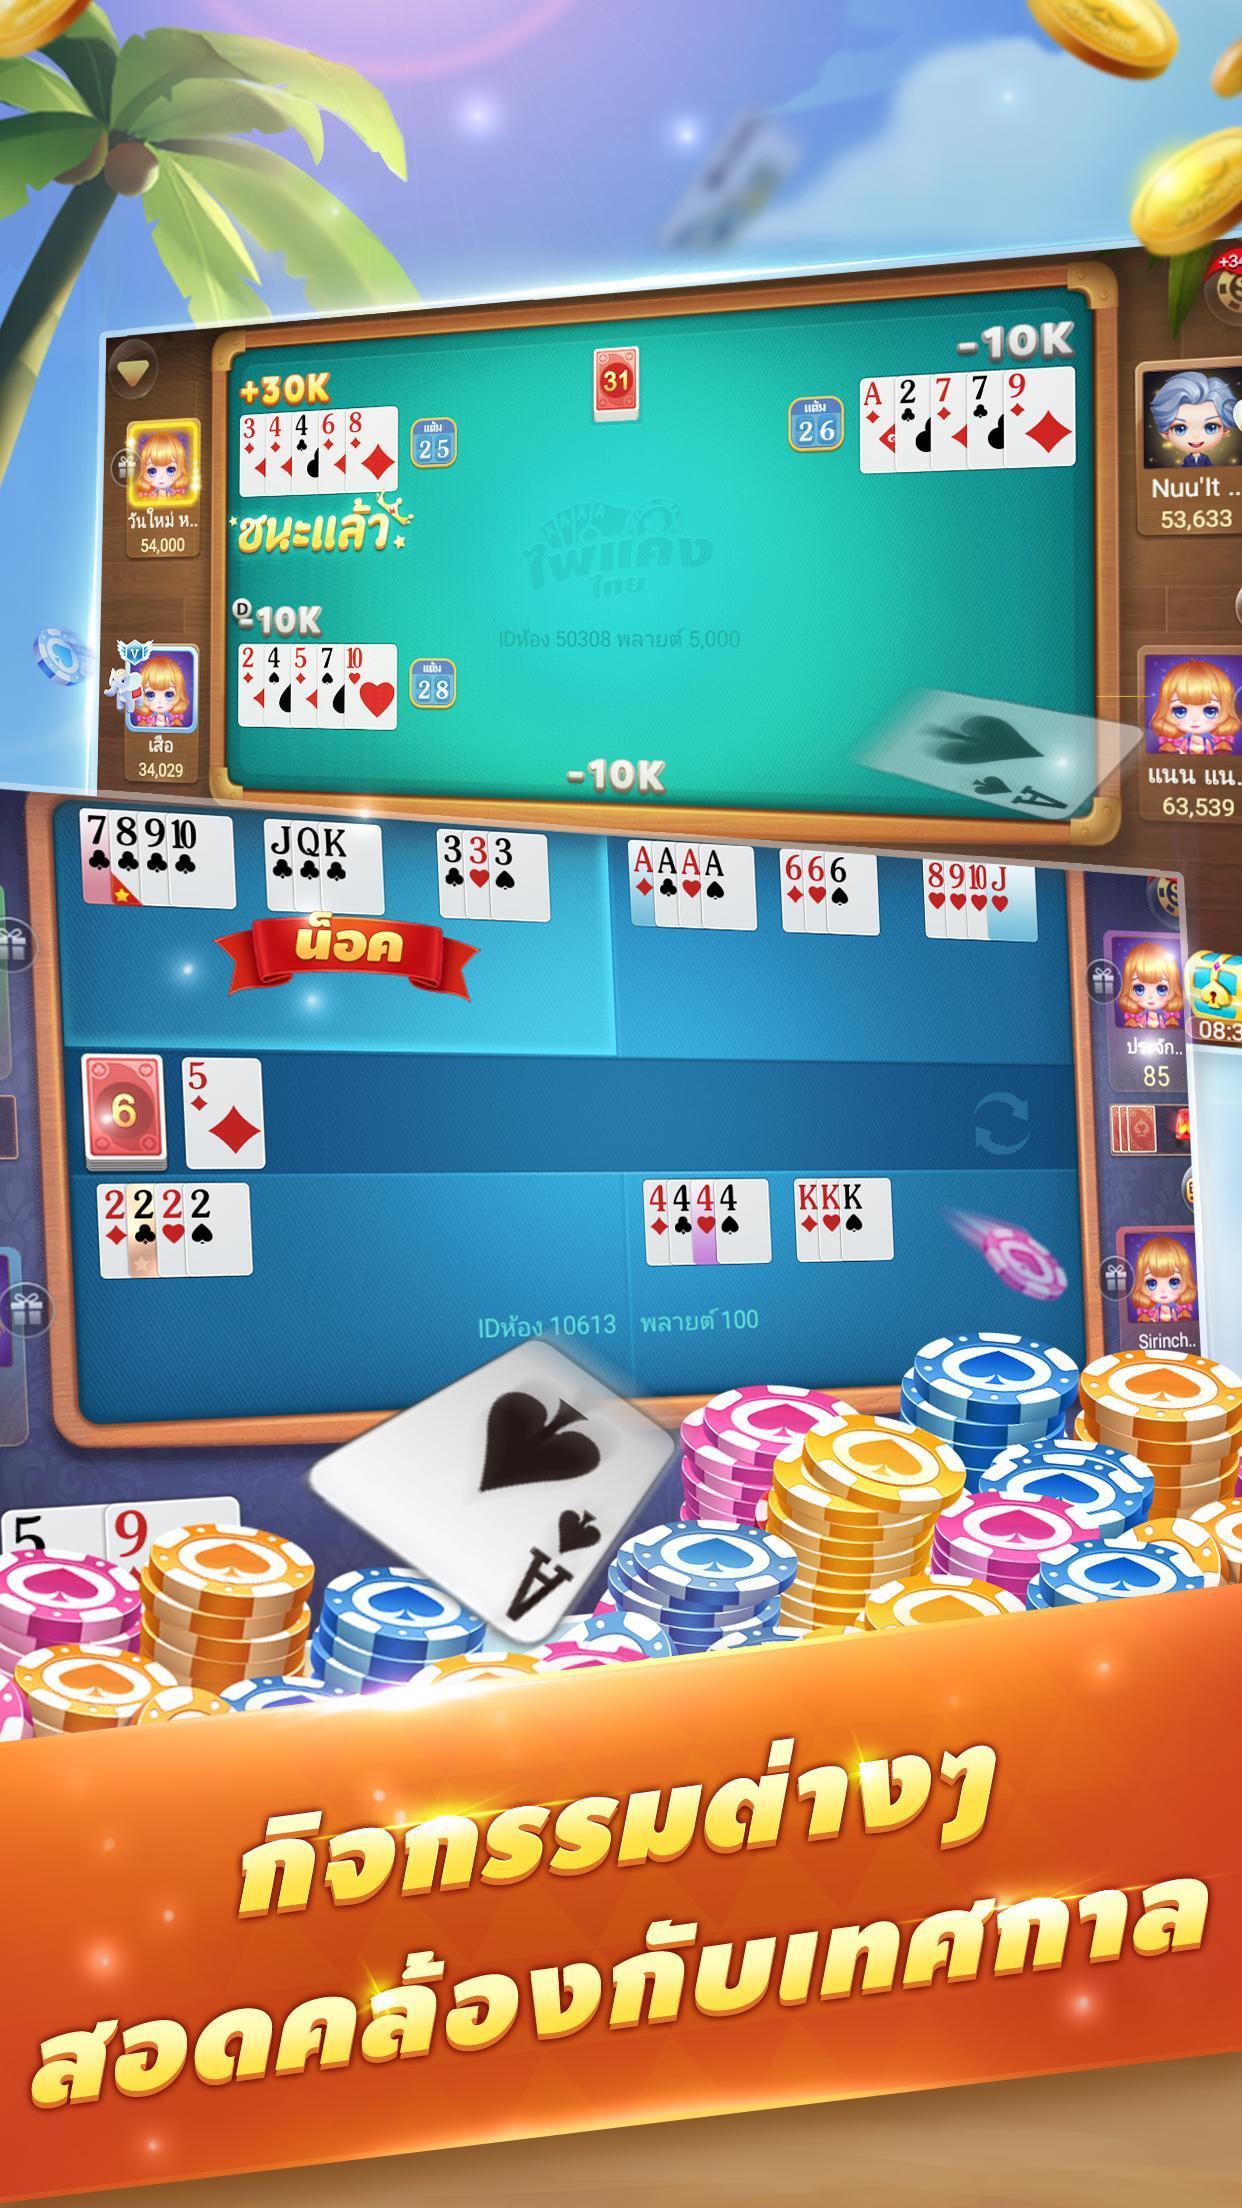 ไพ่แคง-รวมดัมมี่dummy เก้าเก ป๊อกเด้ง เกมไพ่ฟรี 2.1.4 Screenshot 4